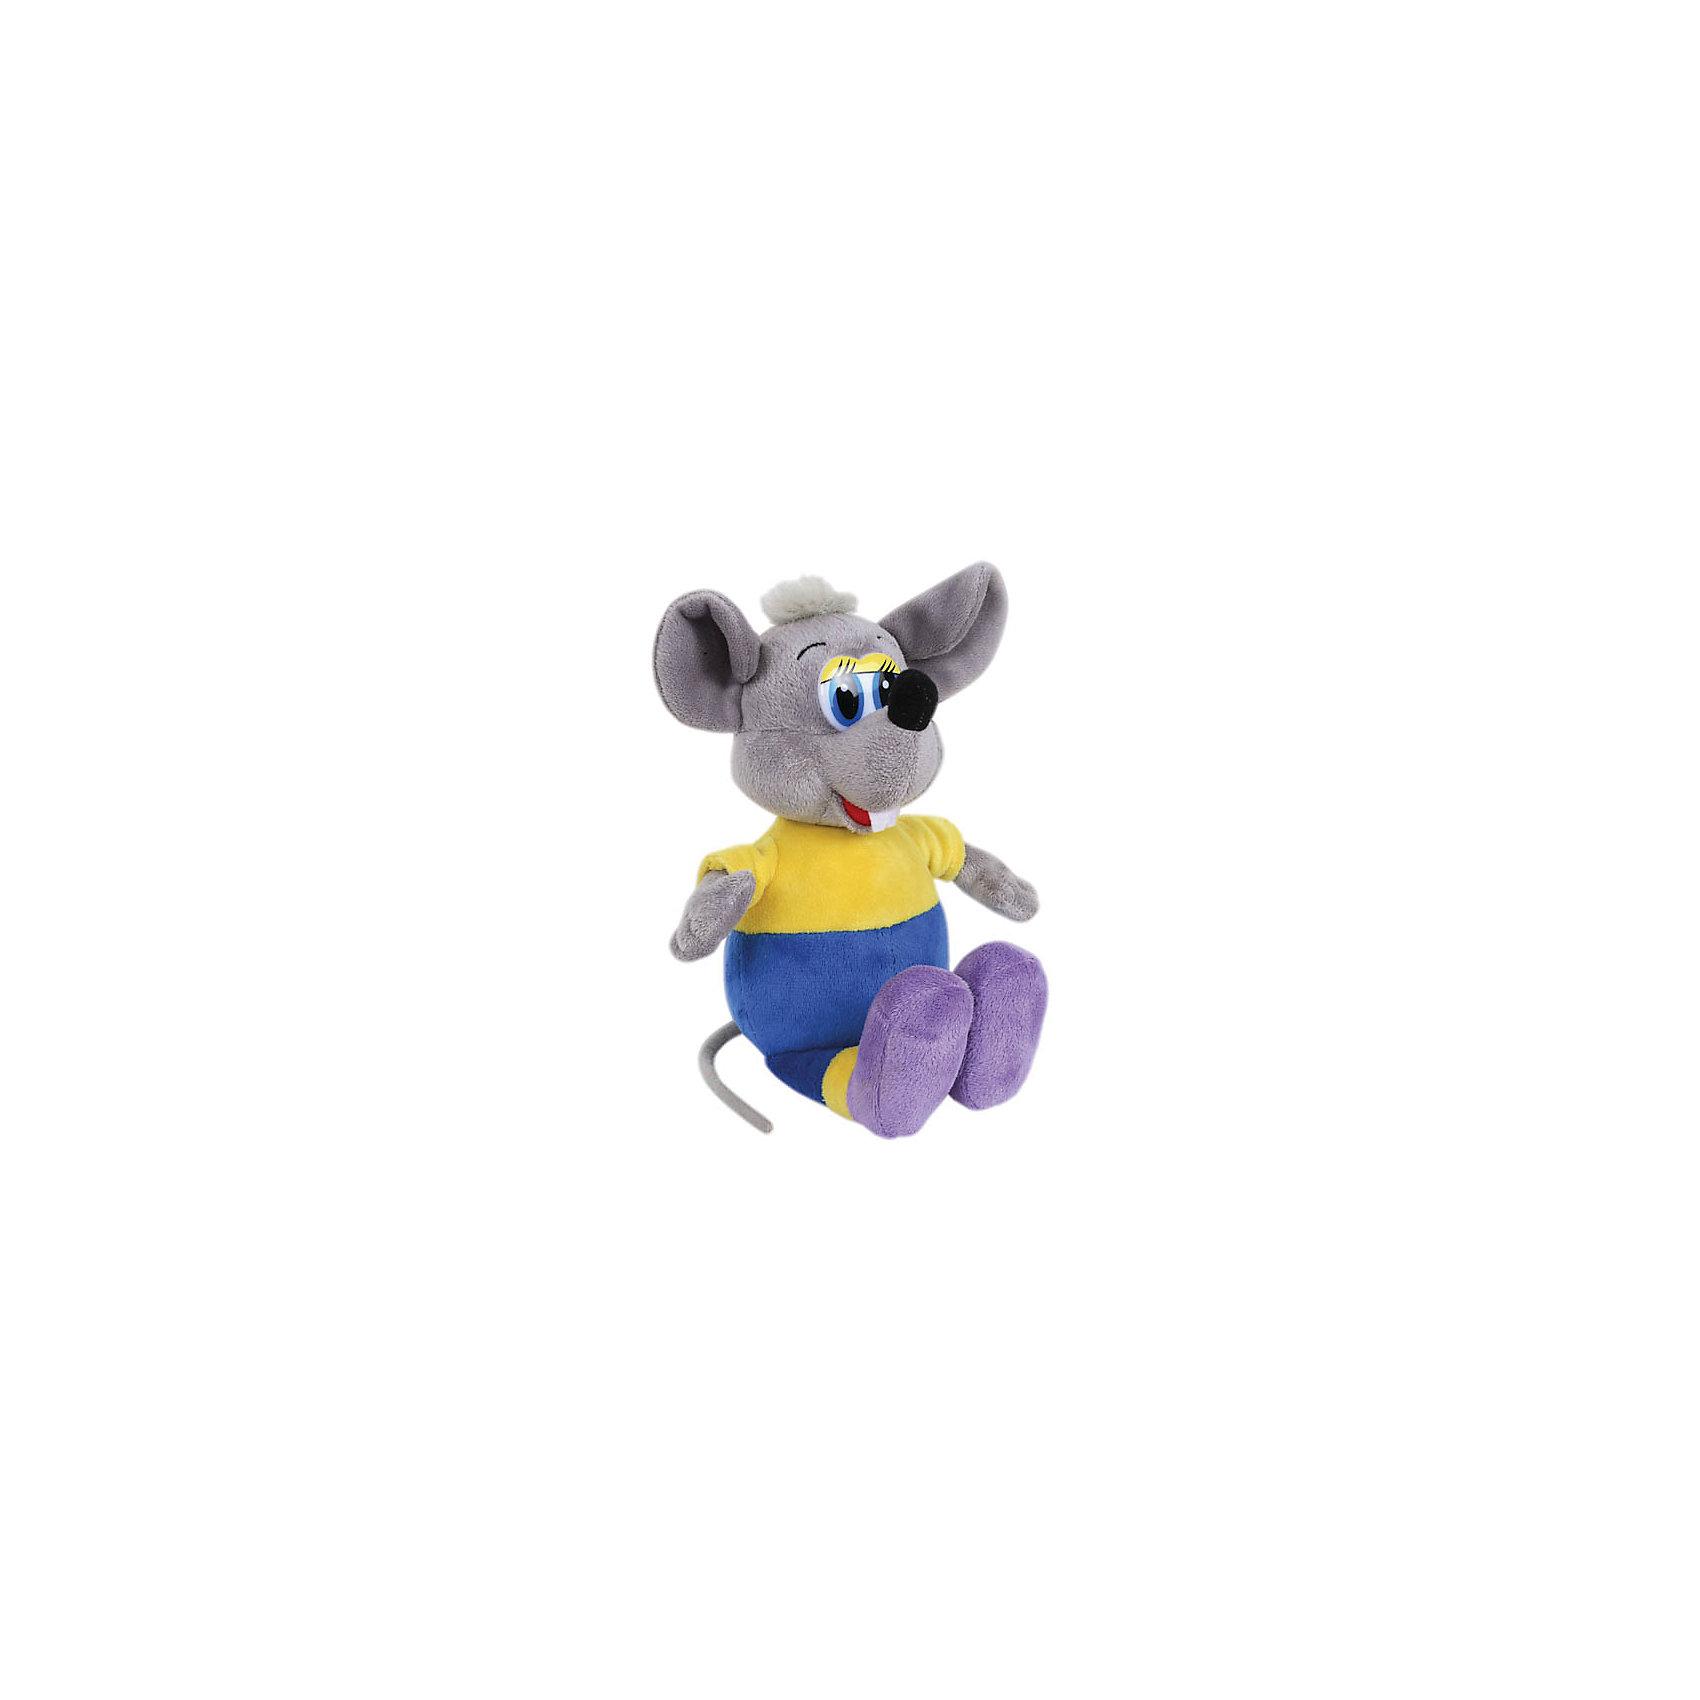 МУЛЬТИ-ПУЛЬТИ Мягкая игрушка Серый мышонок, 23 см, со звуком, Кот Леопольд, МУЛЬТИ-ПУЛЬТИ мульти пульти мягкая игрушка чебурашка со звуком мульти пульти